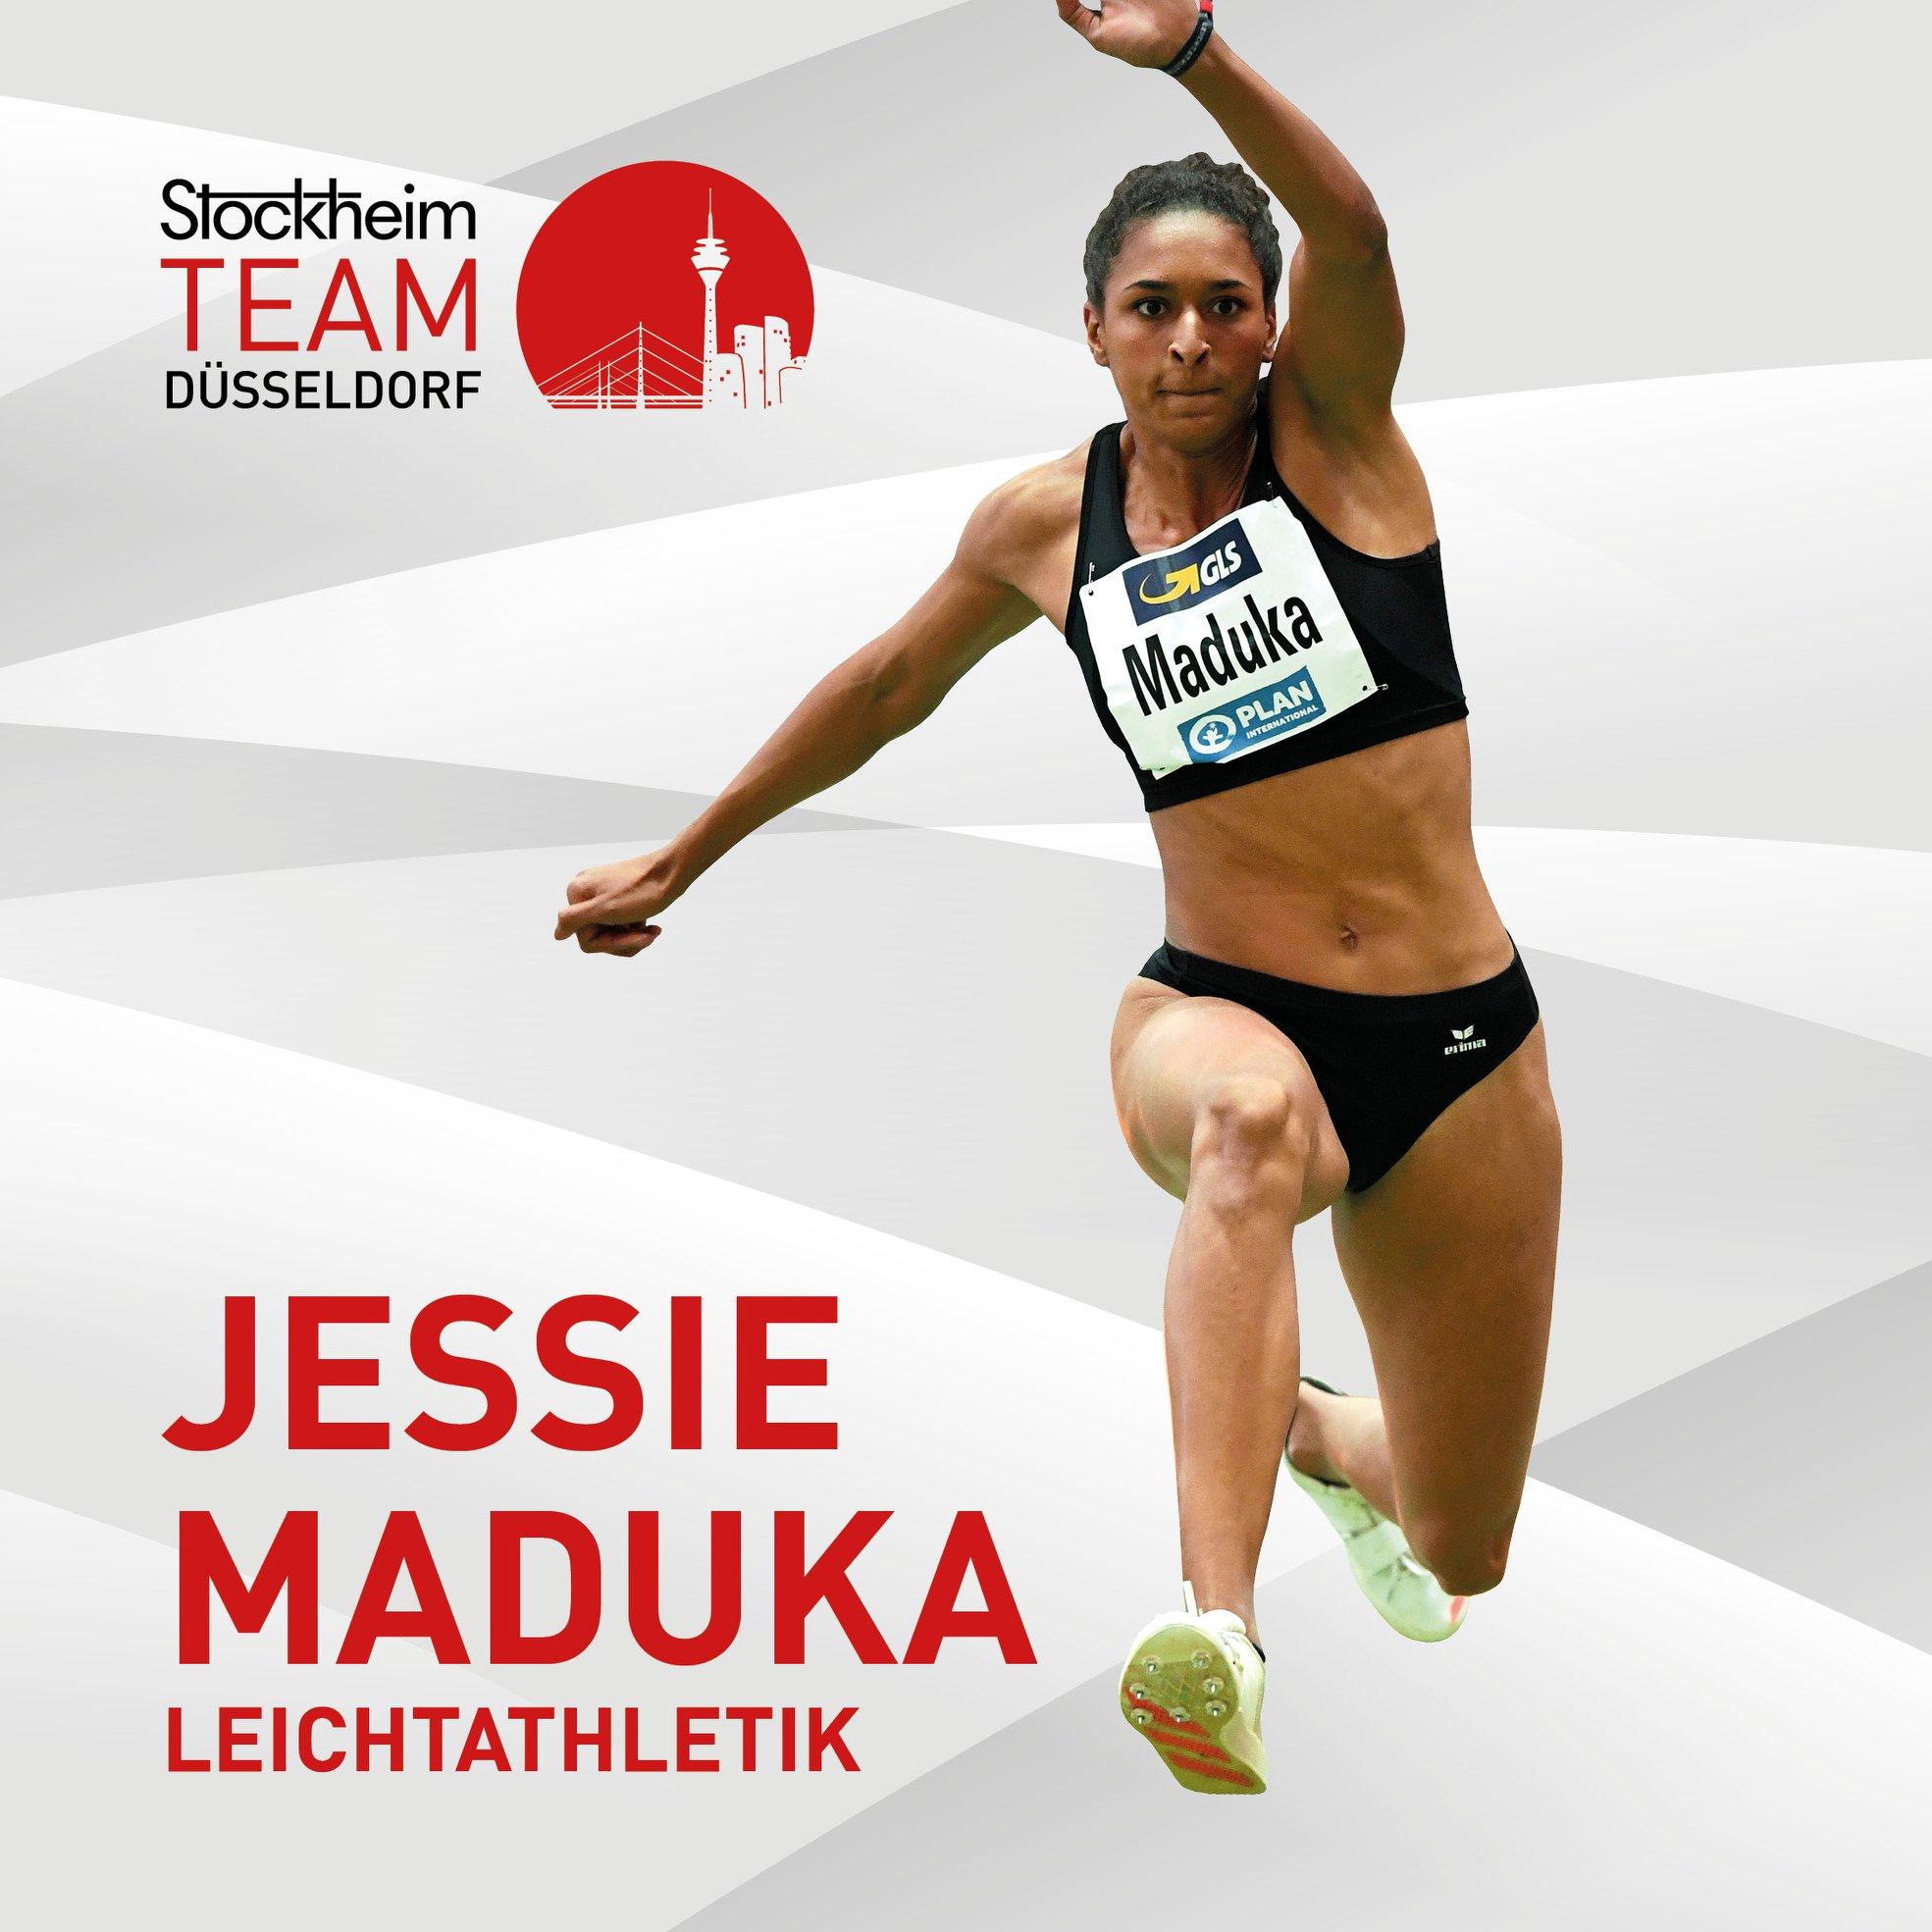 Jessie_maduka